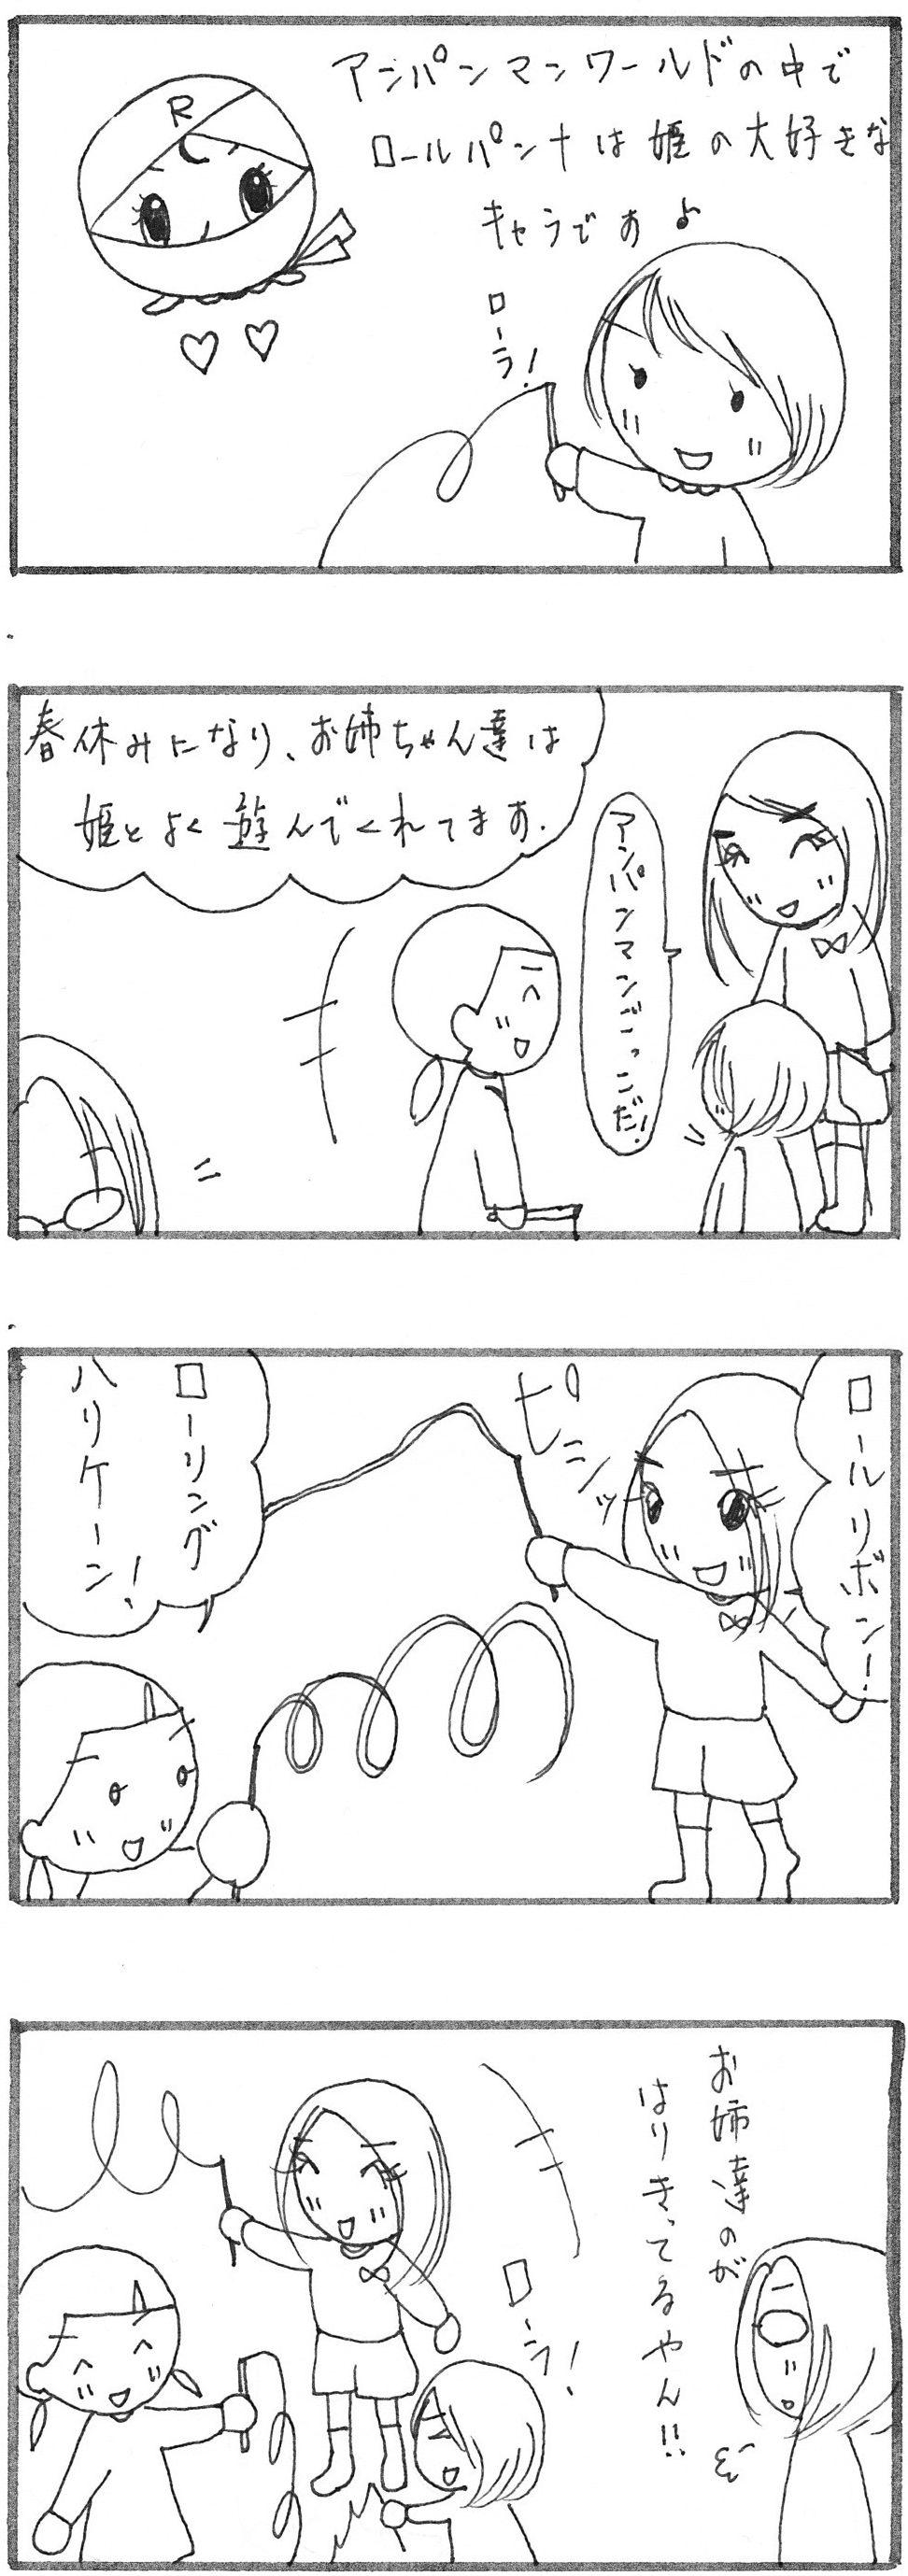 ロールパンナちゃん